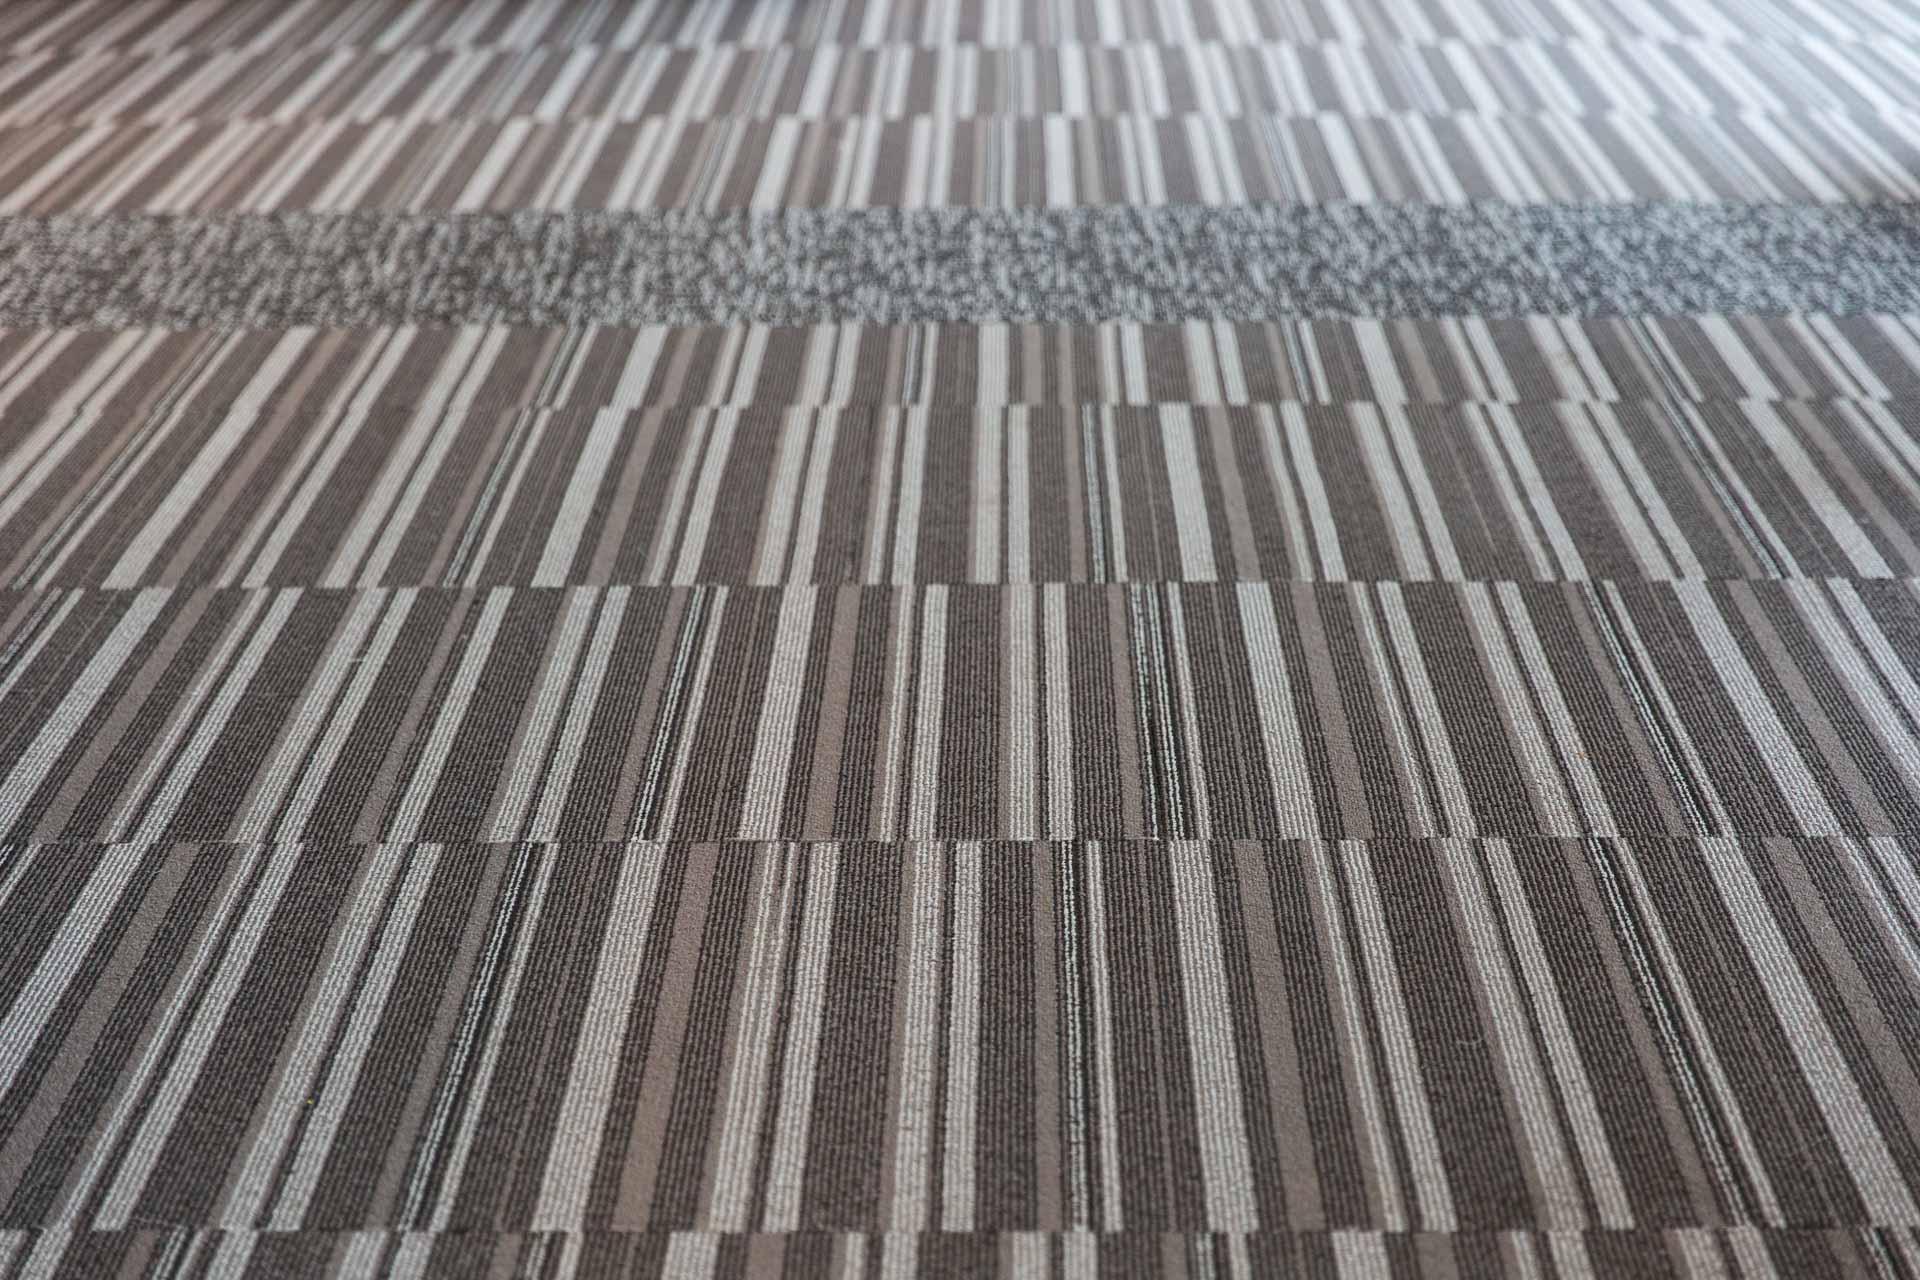 Striped Flooring Squares